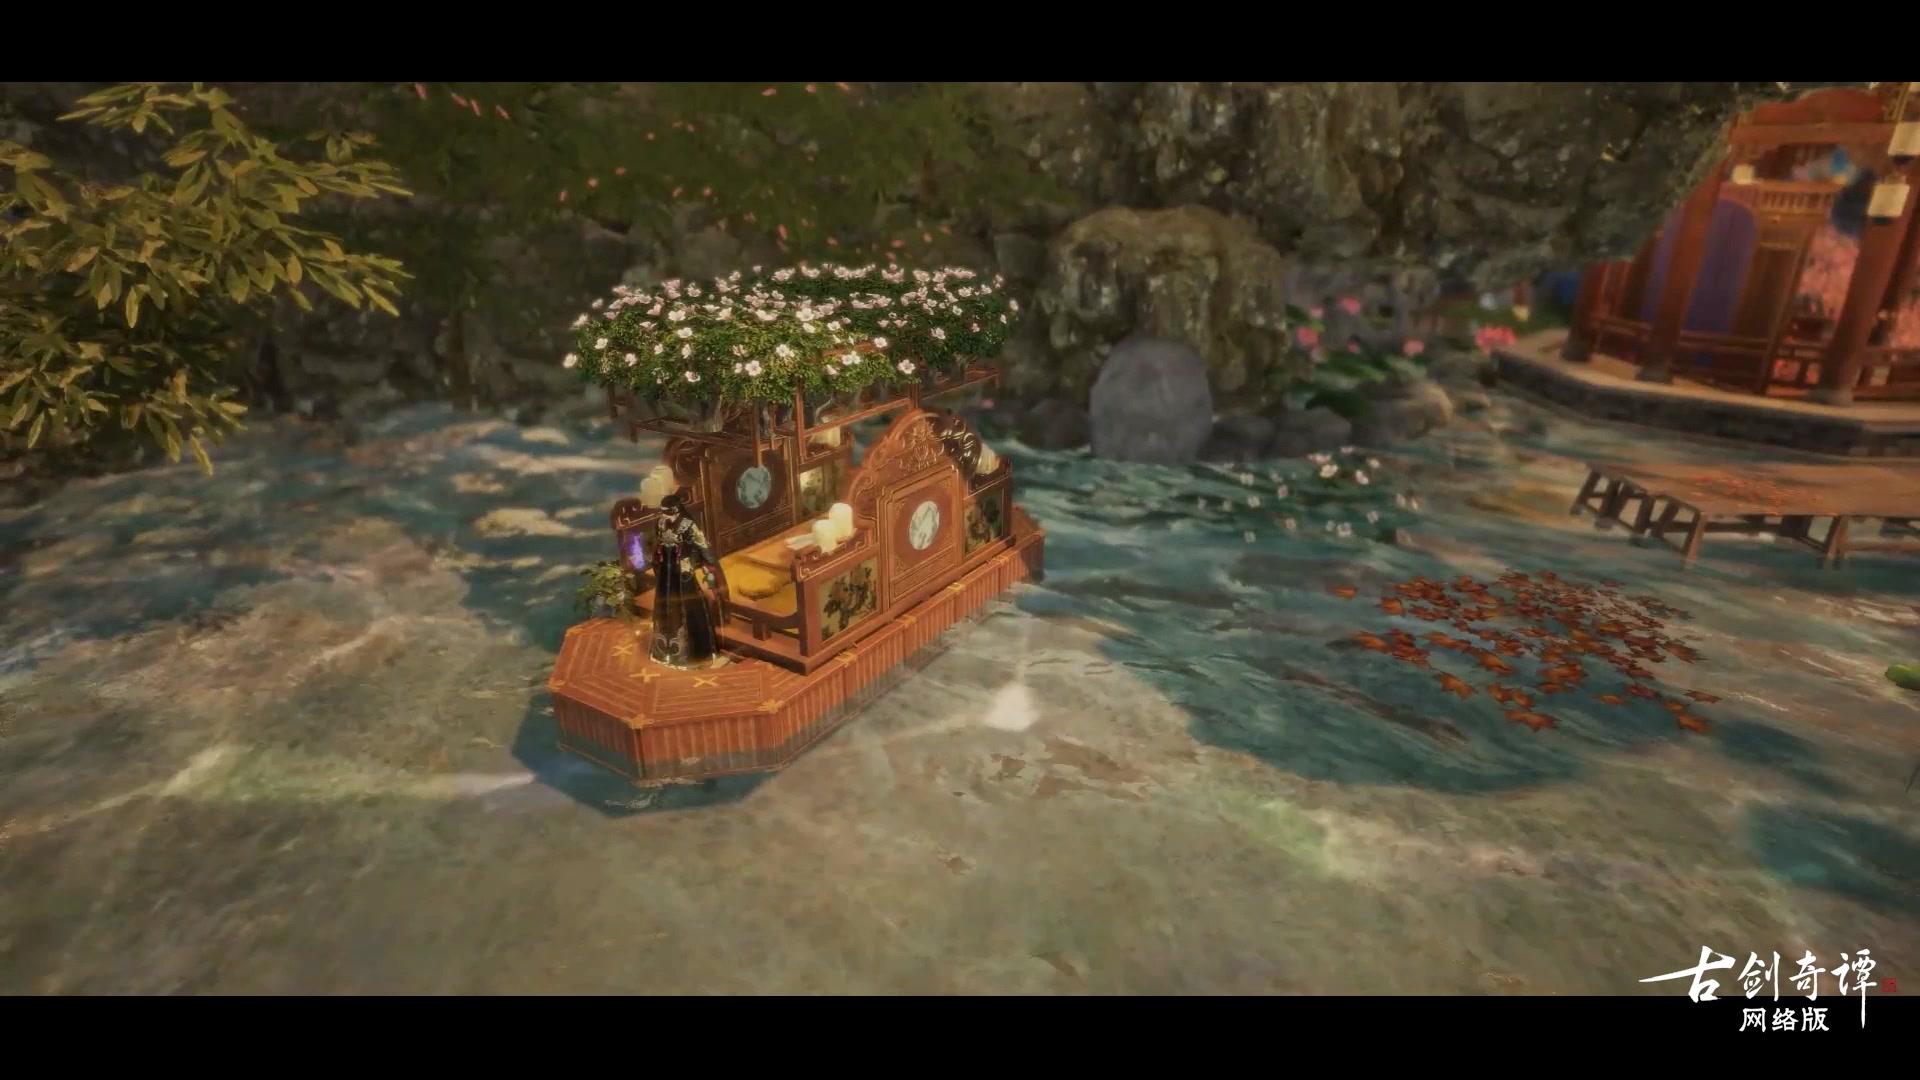 《古剑奇谭OL》两位玩家的仙府世界太好看了